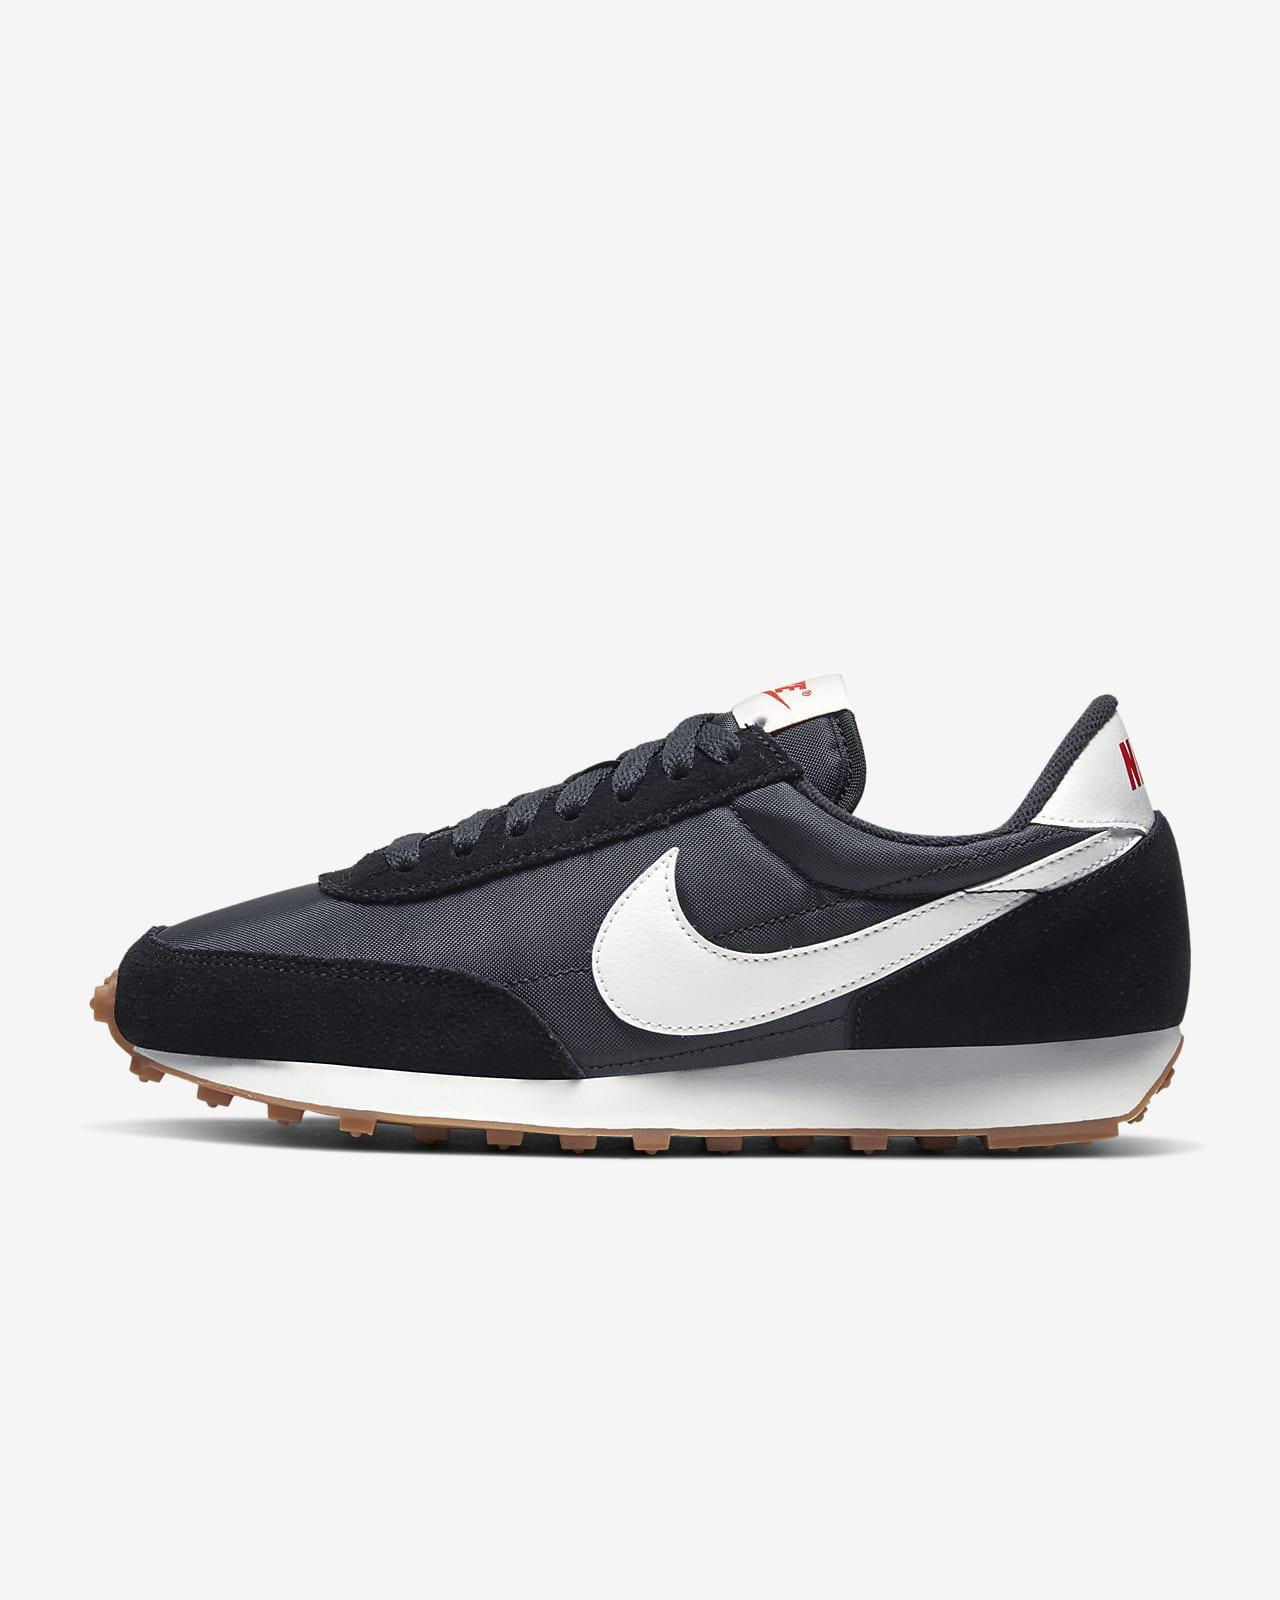 women's shoe websites